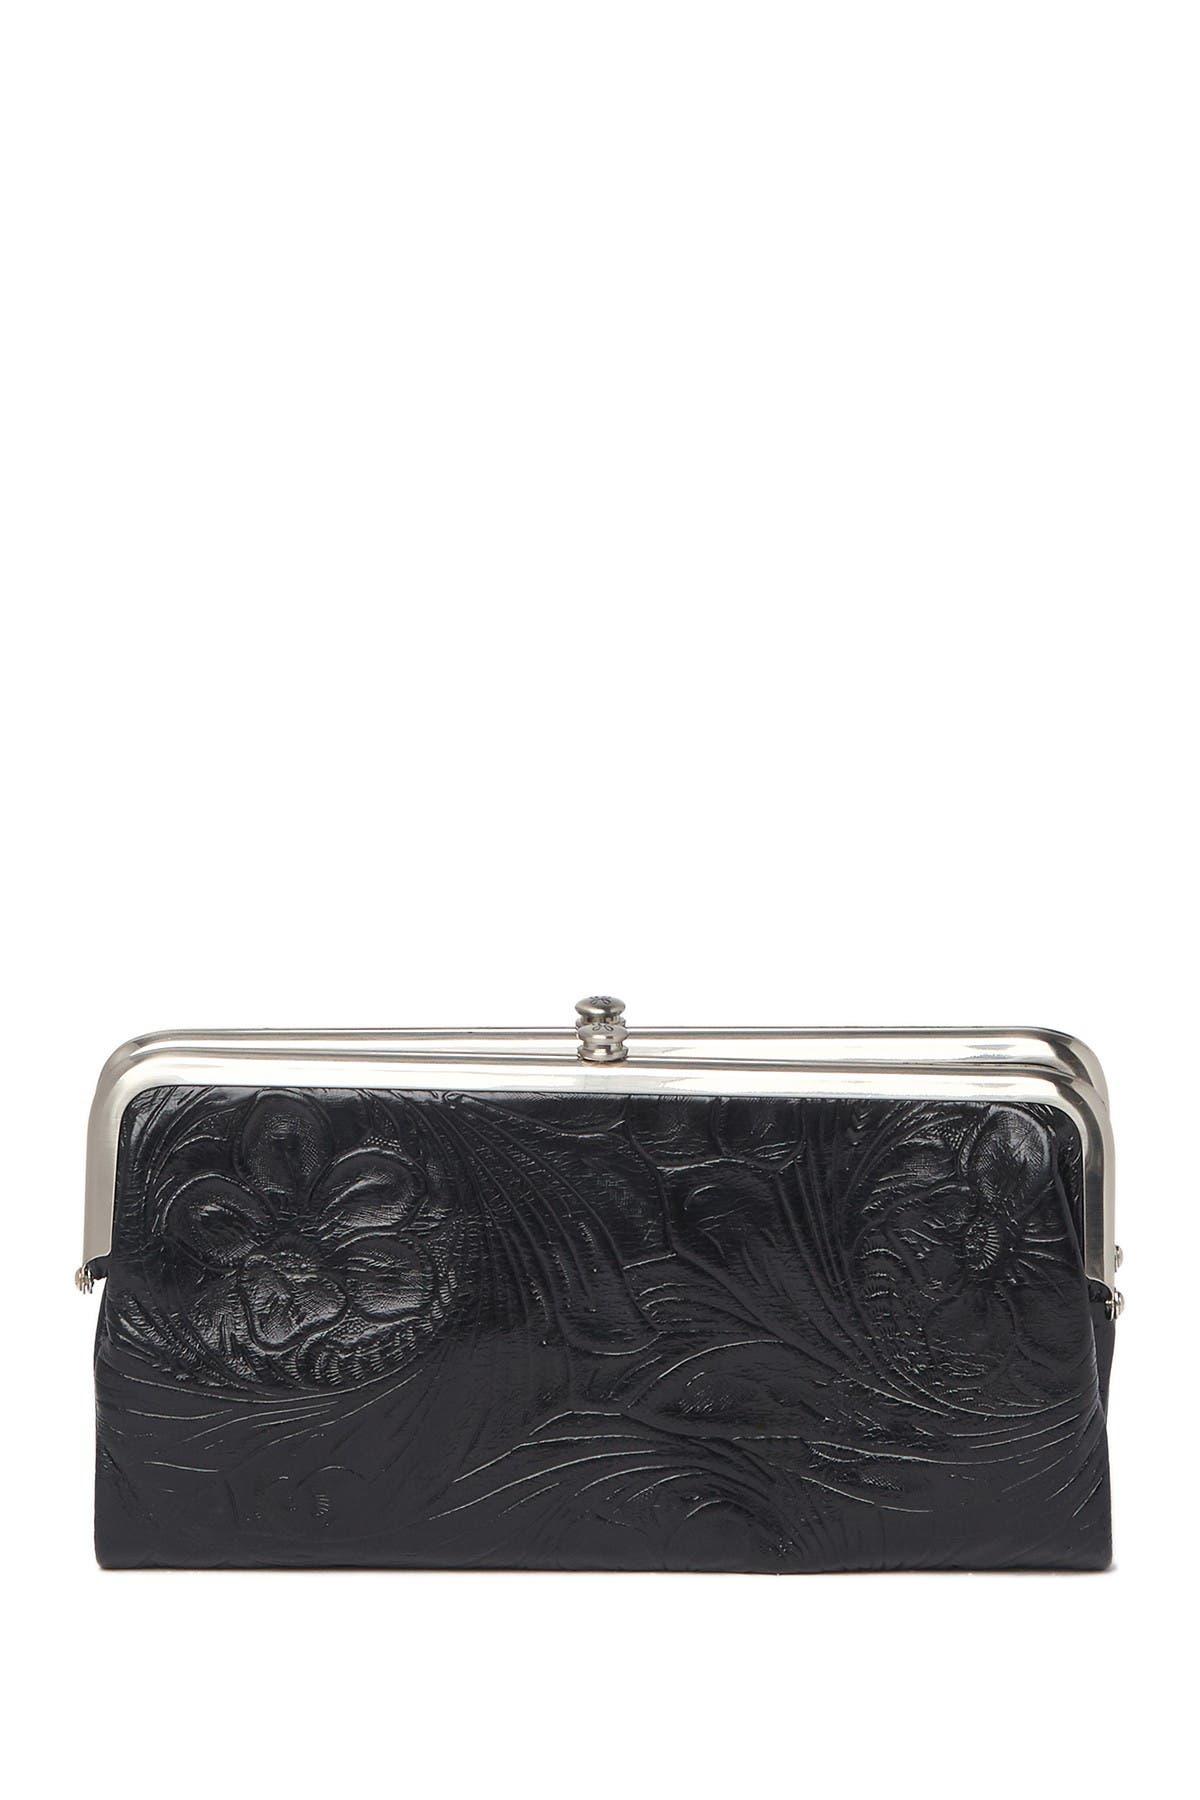 Image of Hobo Lauren Embossed Leaher Wallet Clutch